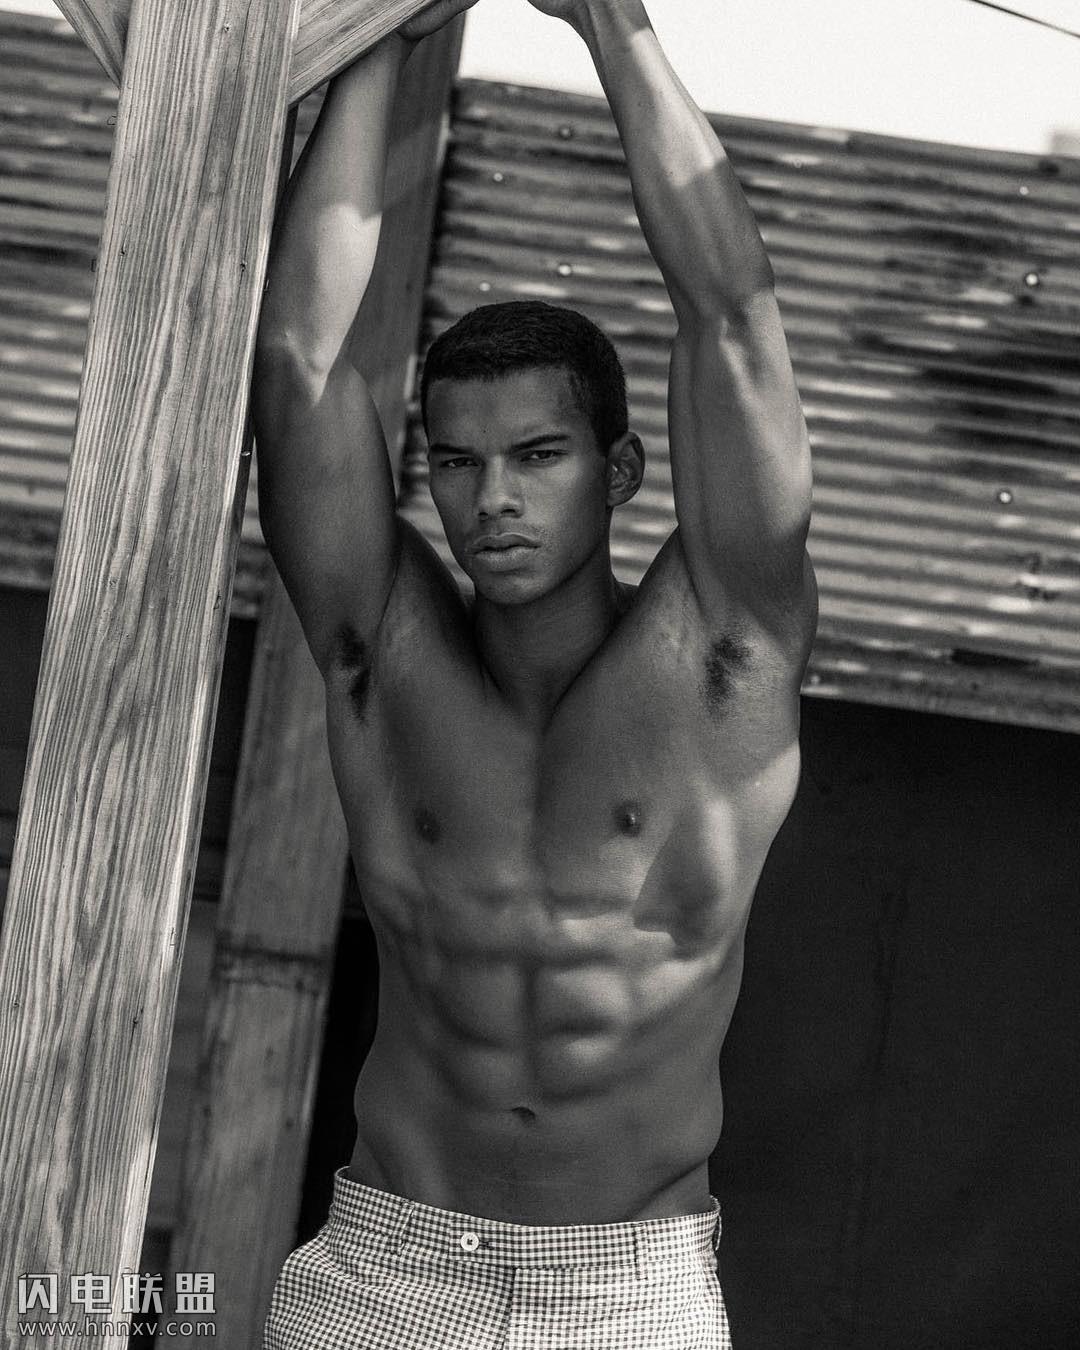 性感欧美黑人帅哥肌肉男写真照片